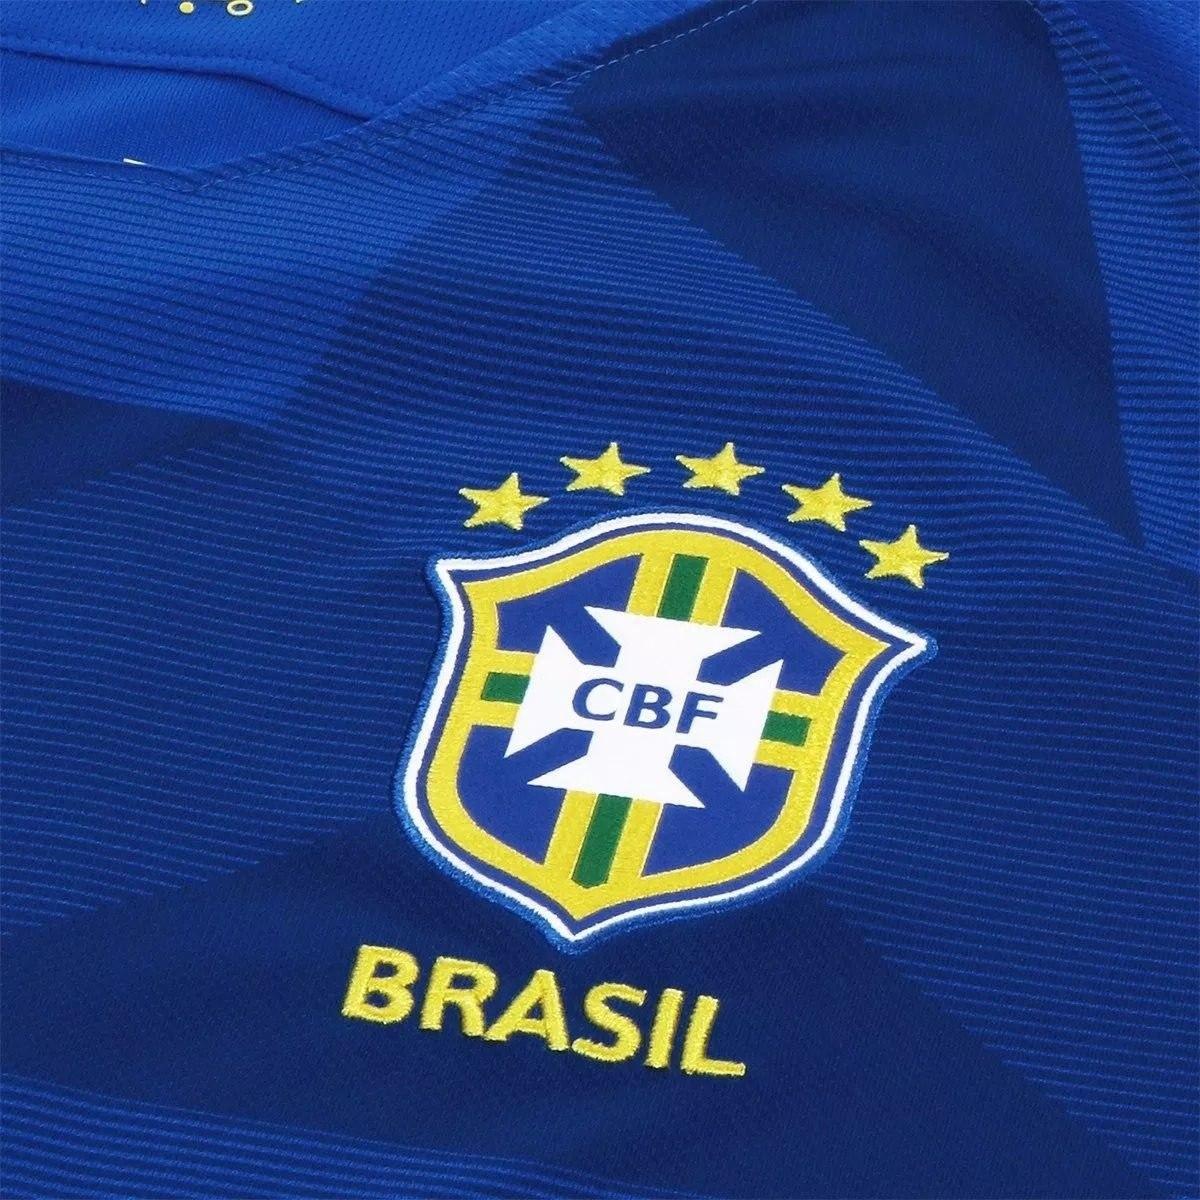 cb045bc58c camisa seleção brasileira original copa do mundo rússia 2018. Carregando  zoom.